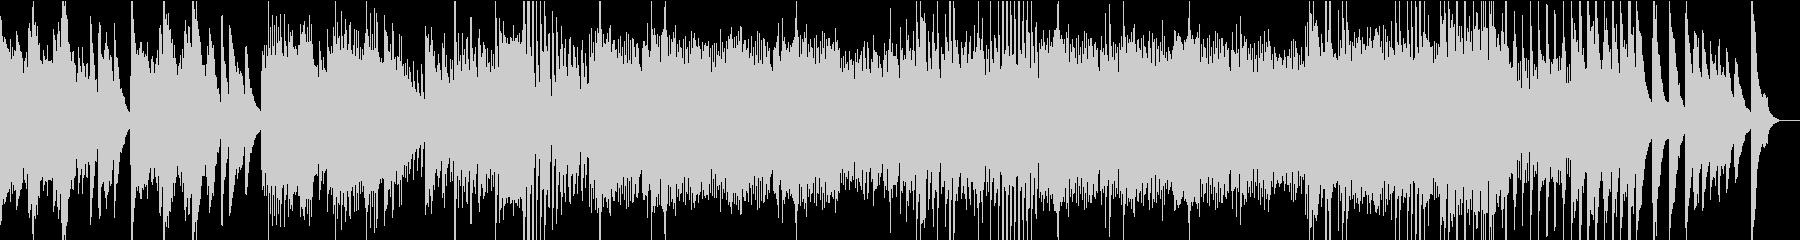 リズミカルなピアノソロの未再生の波形